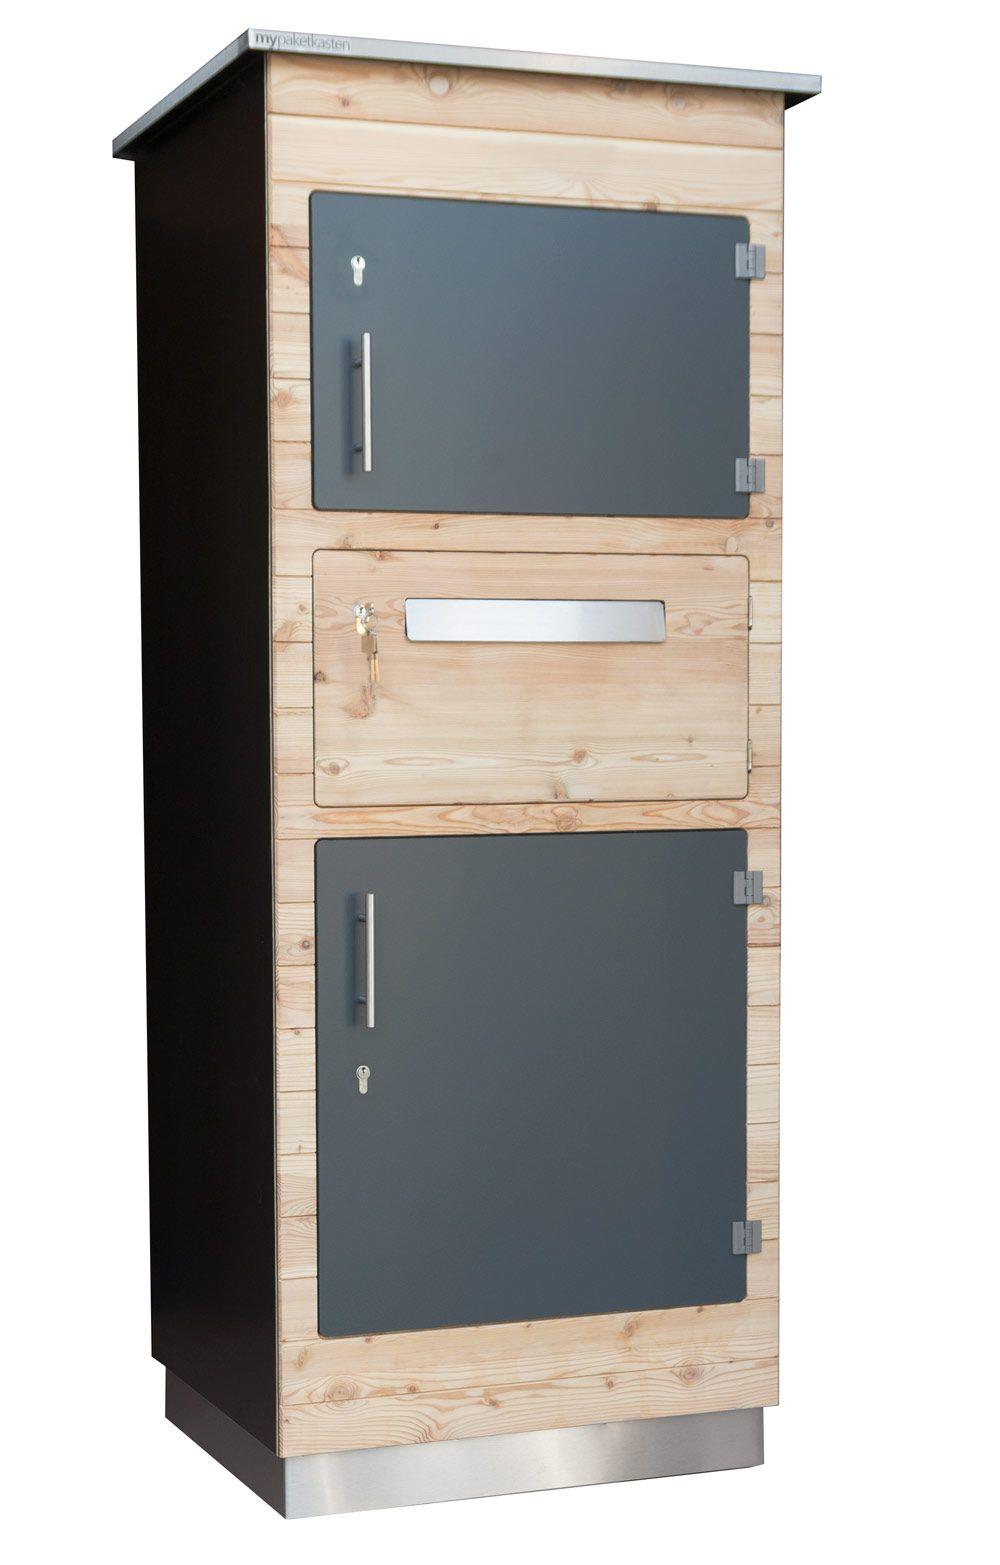 Paketbox Mit Hintertur Paketkasten Mulltonnenbox Selber Bauen Paketbriefkasten